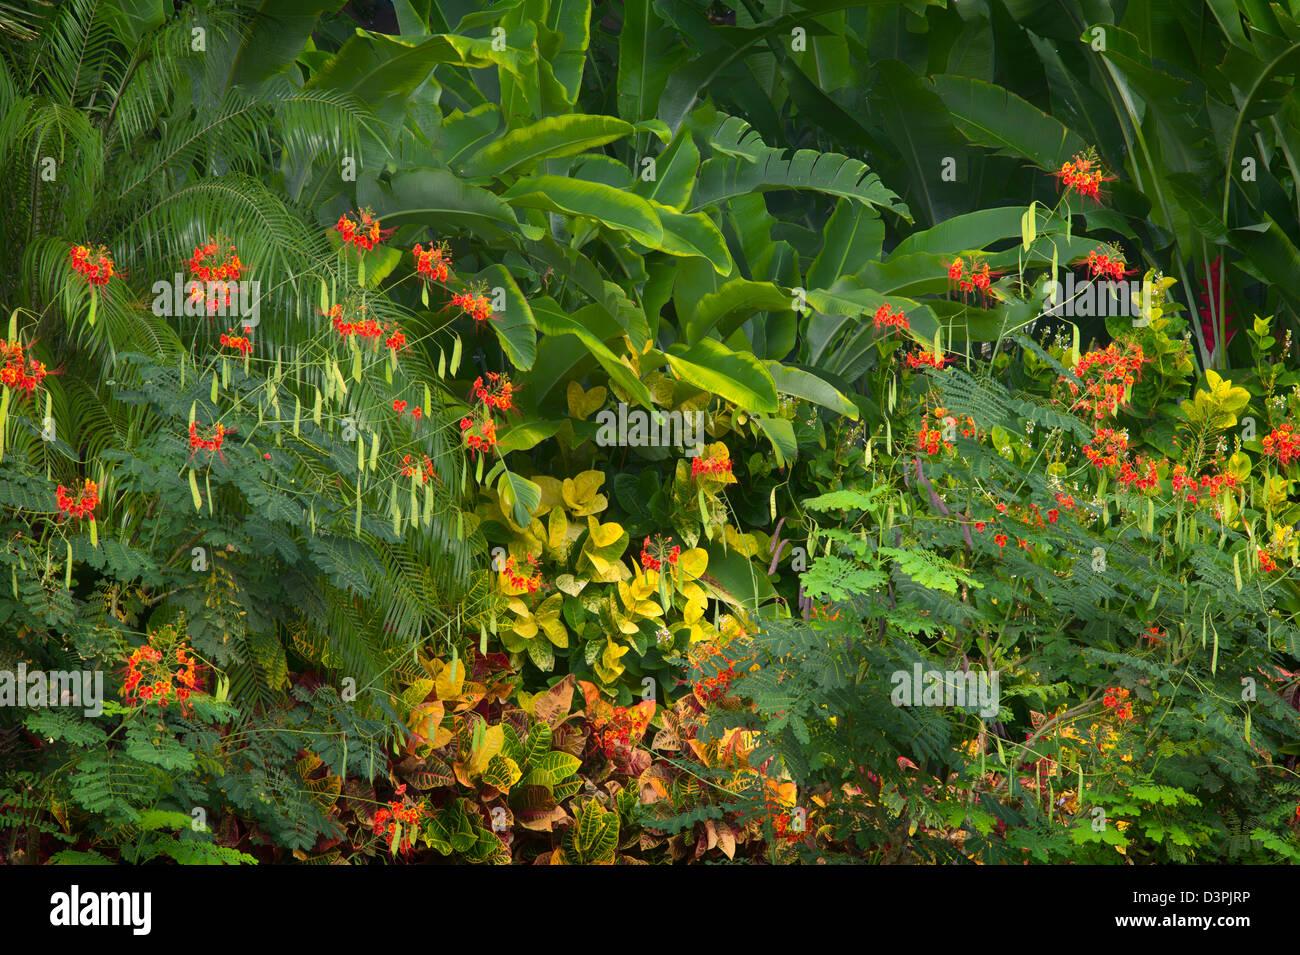 Misto di fiori tropicali. Hawaii, la Big Island. Immagini Stock